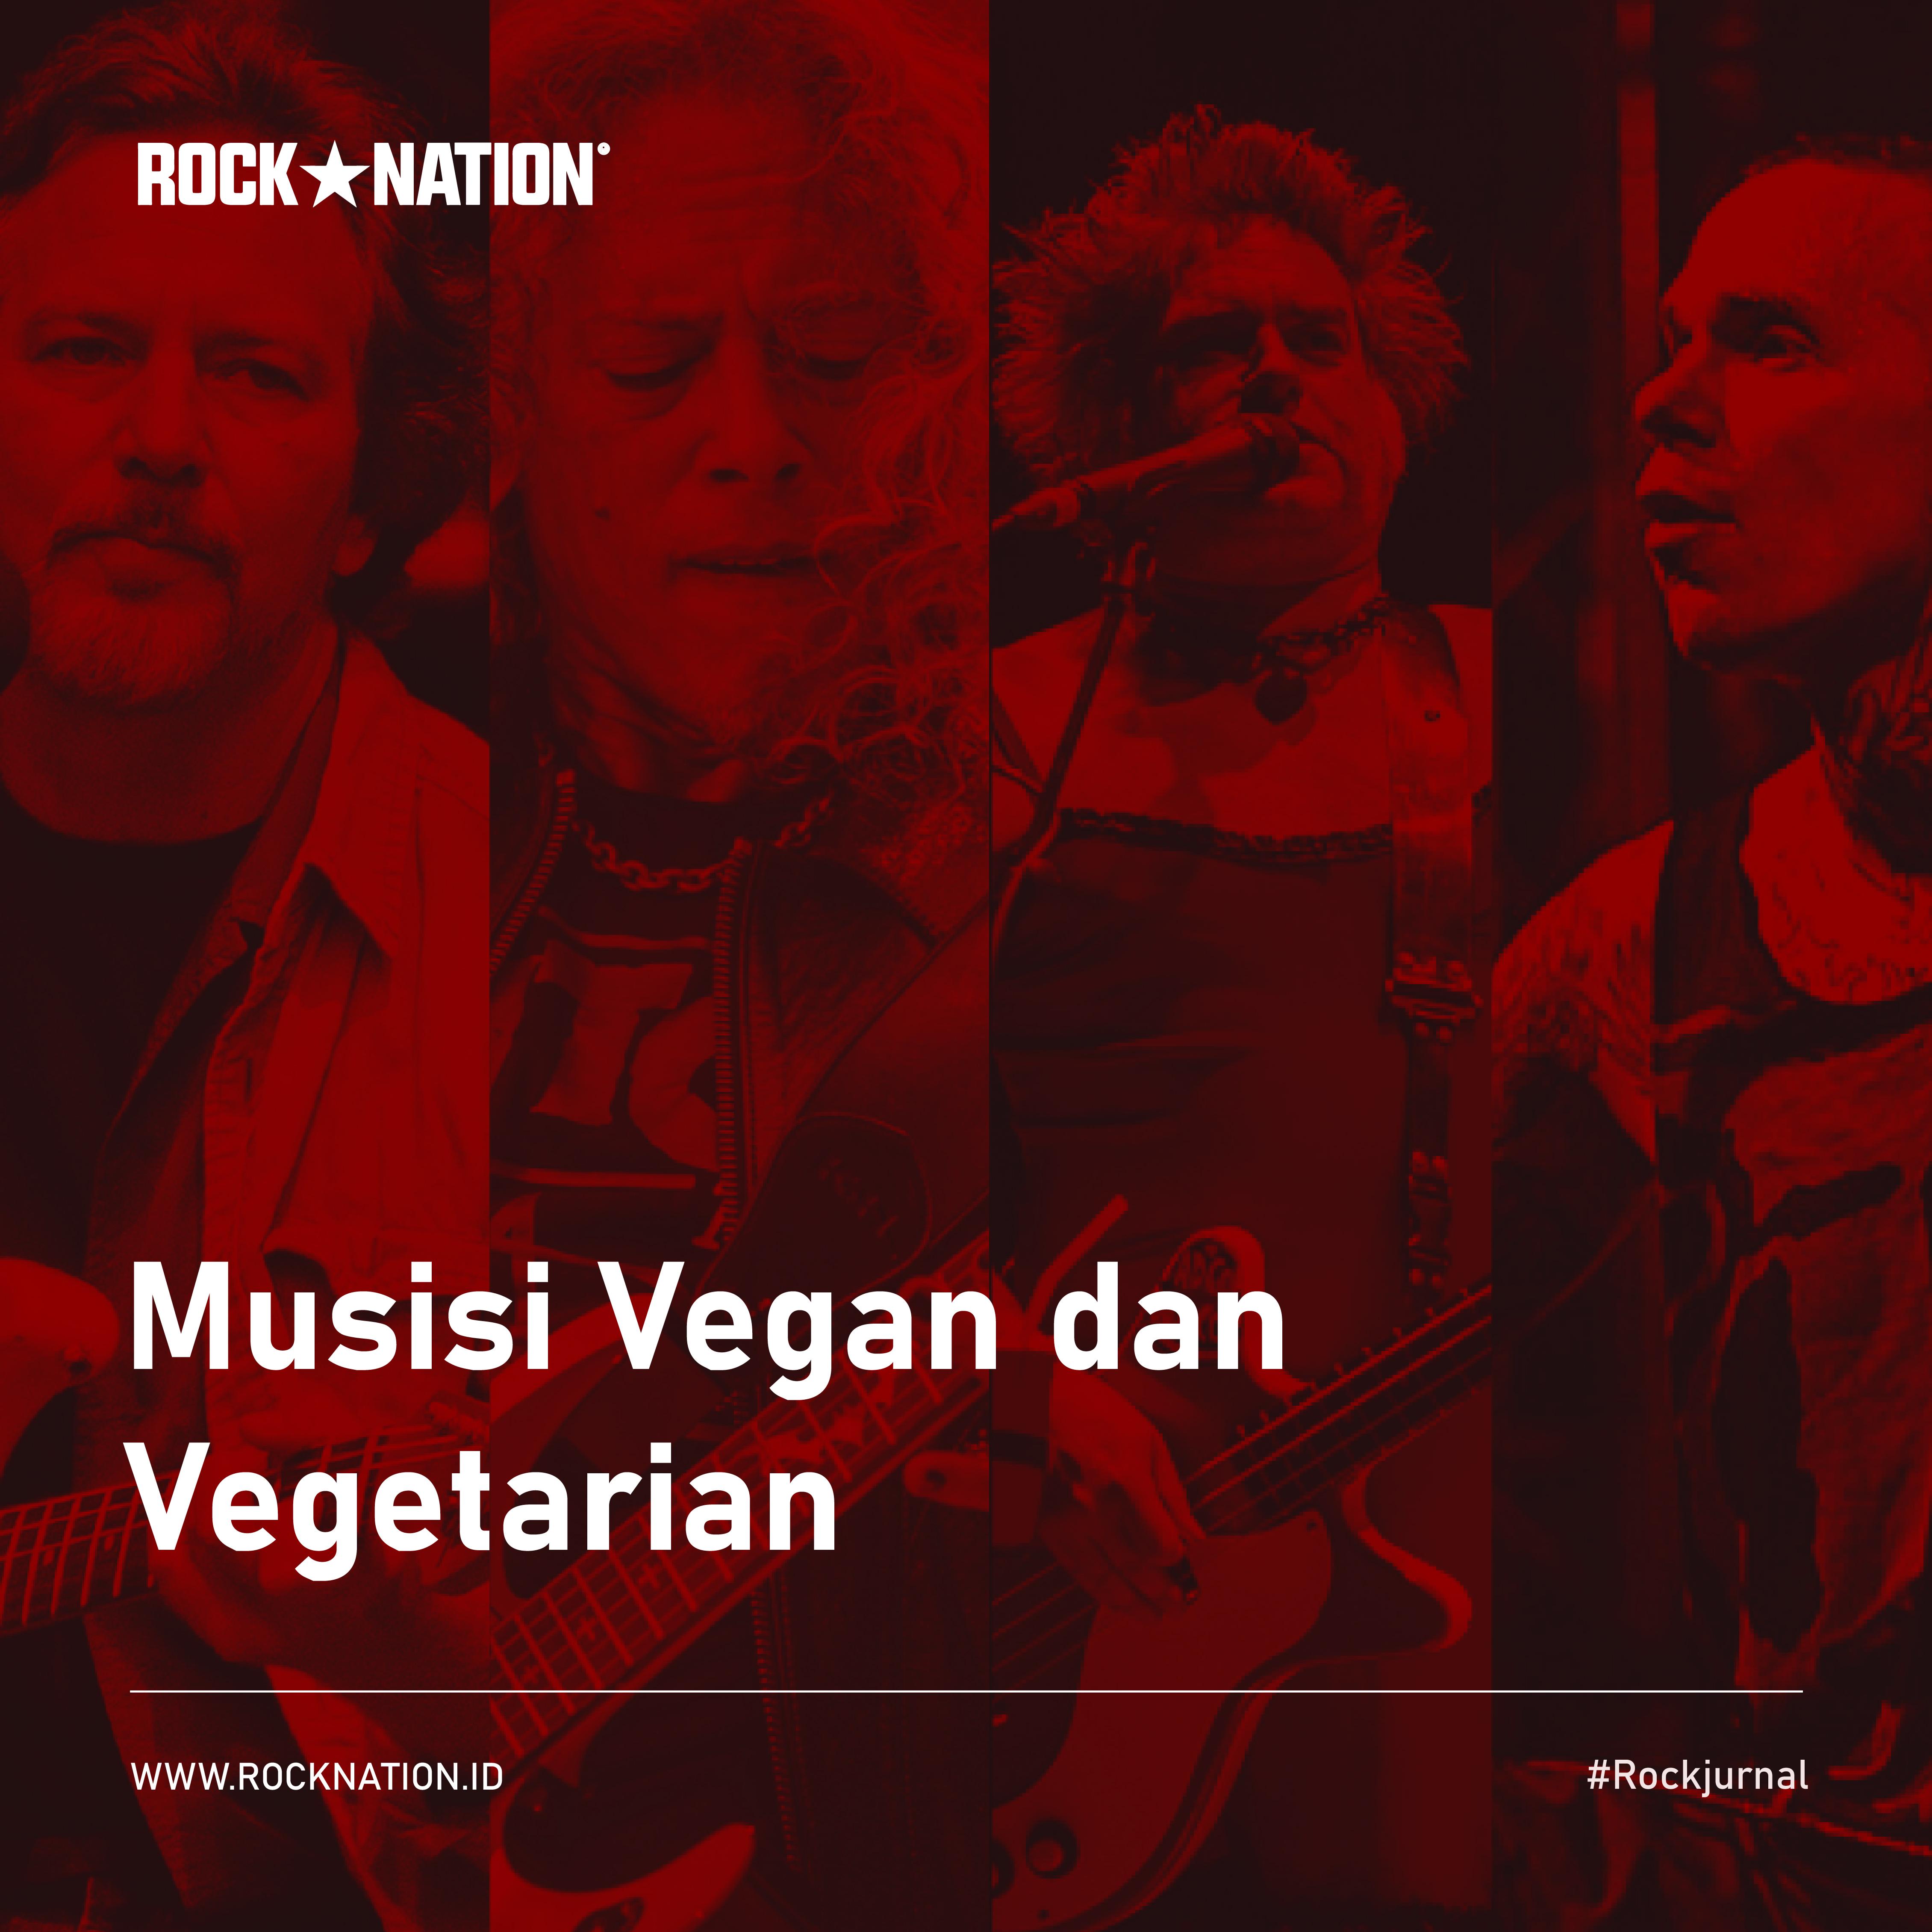 Musisi Vegan dan Vegetarian image